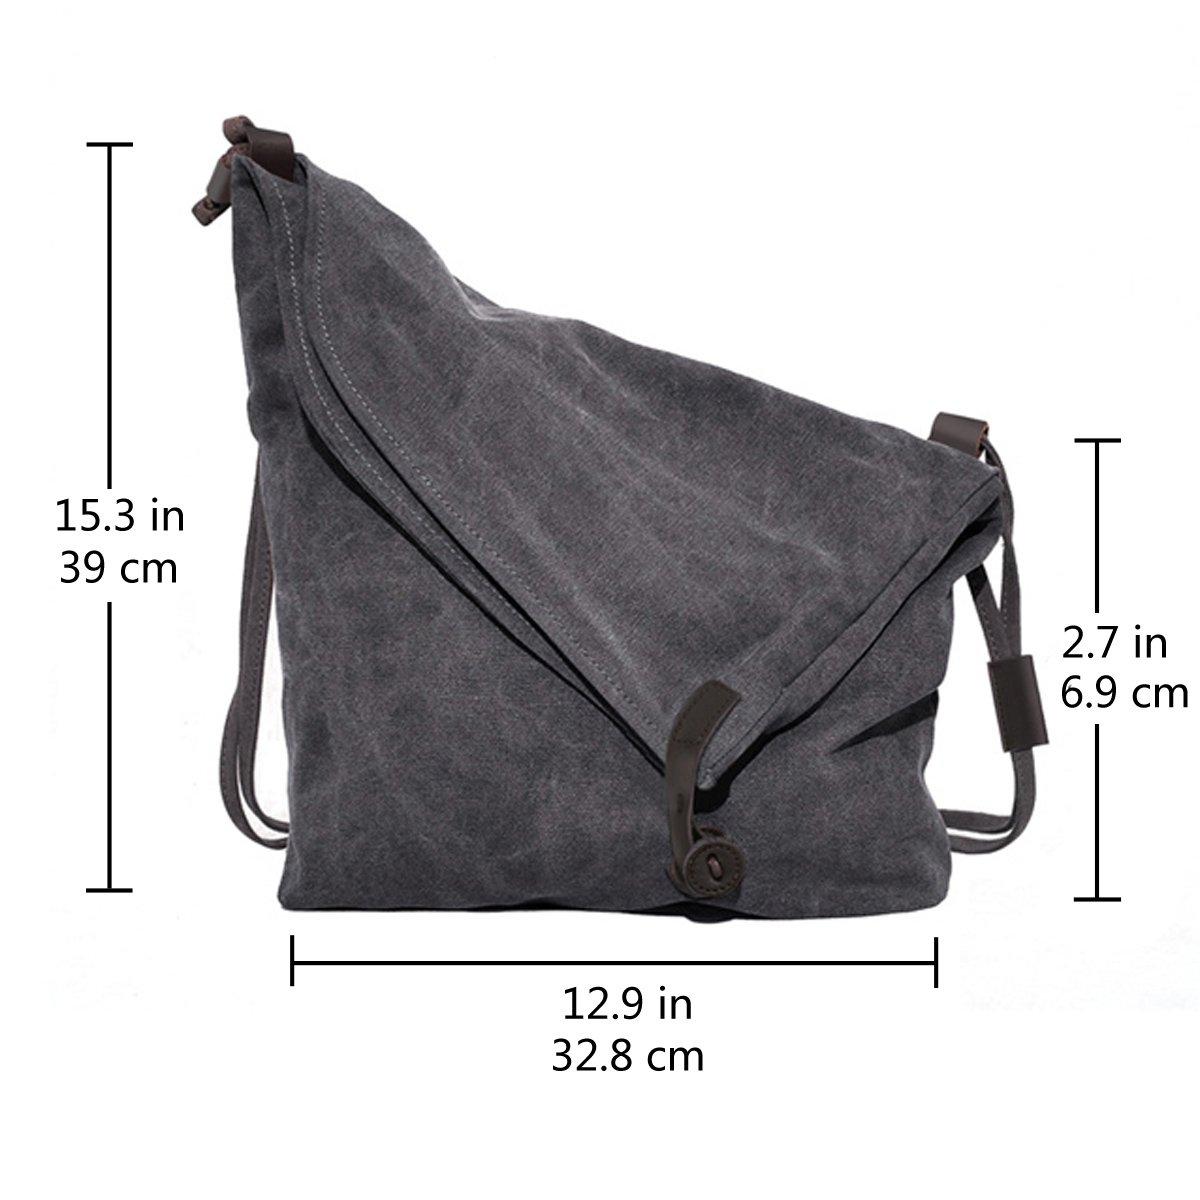 Crossbody Bag 0719c6ae39bdd